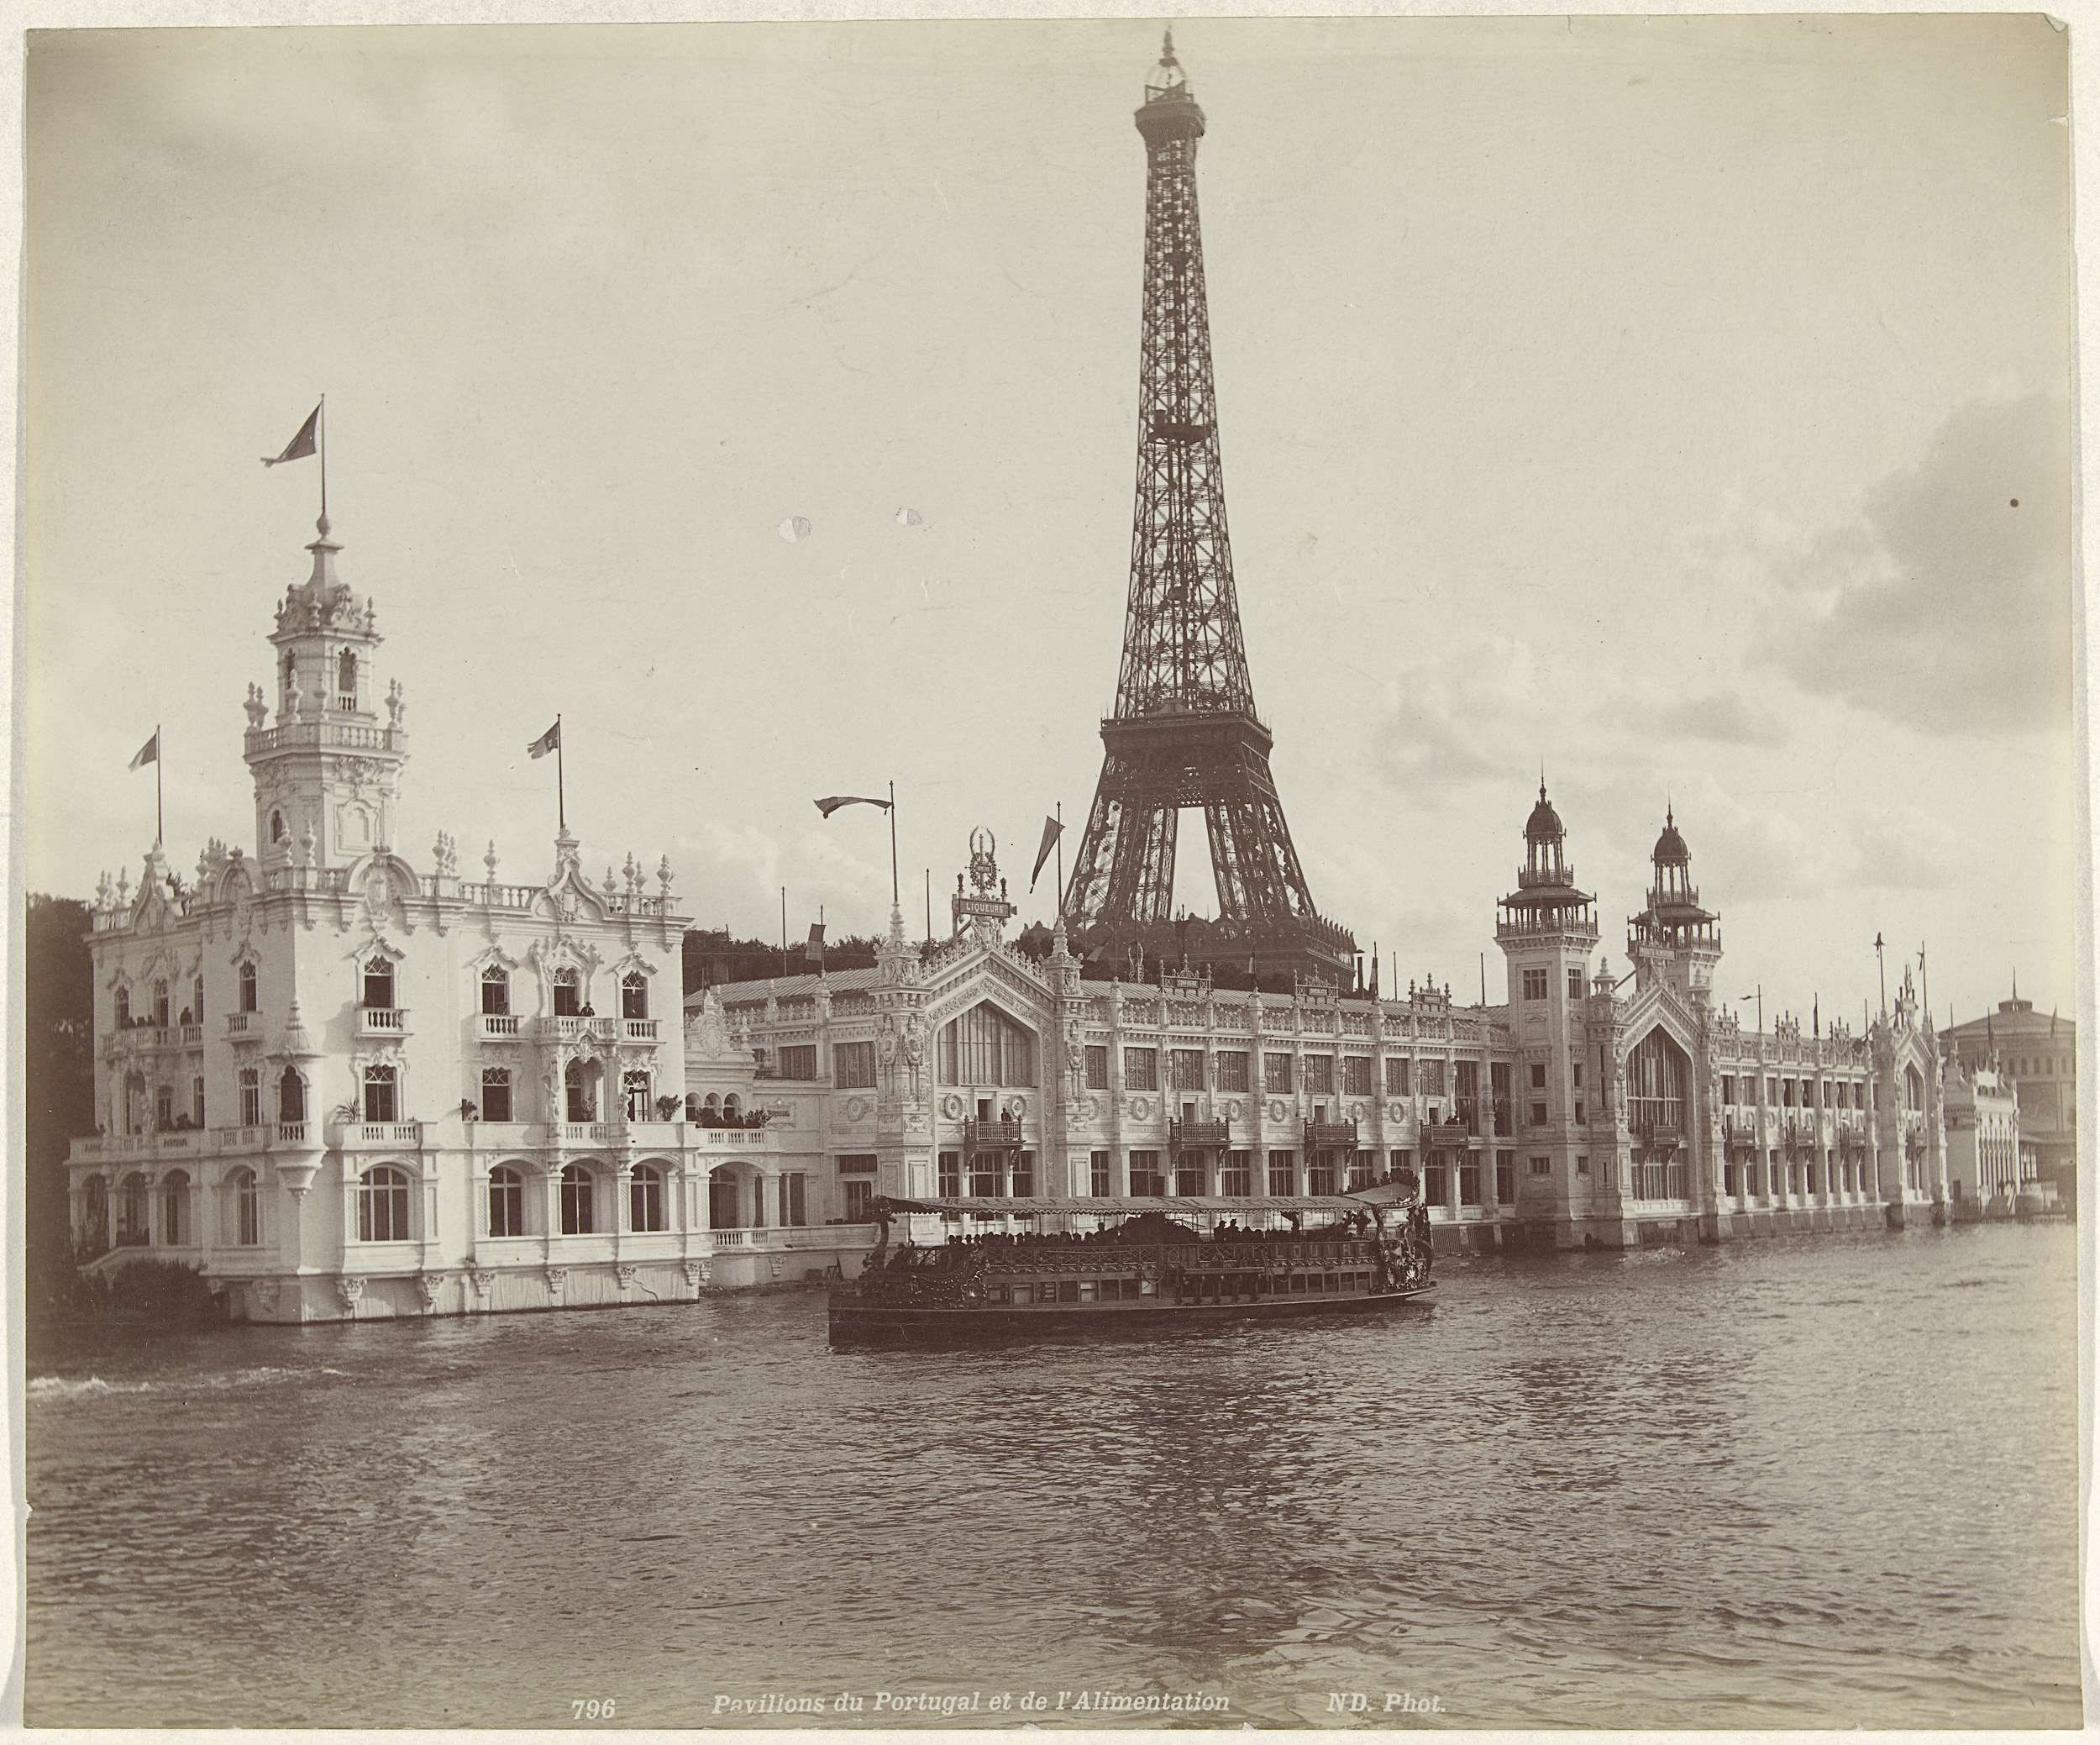 Étienne Neurdein | Paviljoens op de Wereldtentoonstelling van 1889 in Parijs, met de Eiffeltoren op de achtergrond, Étienne Neurdein, 1889 |